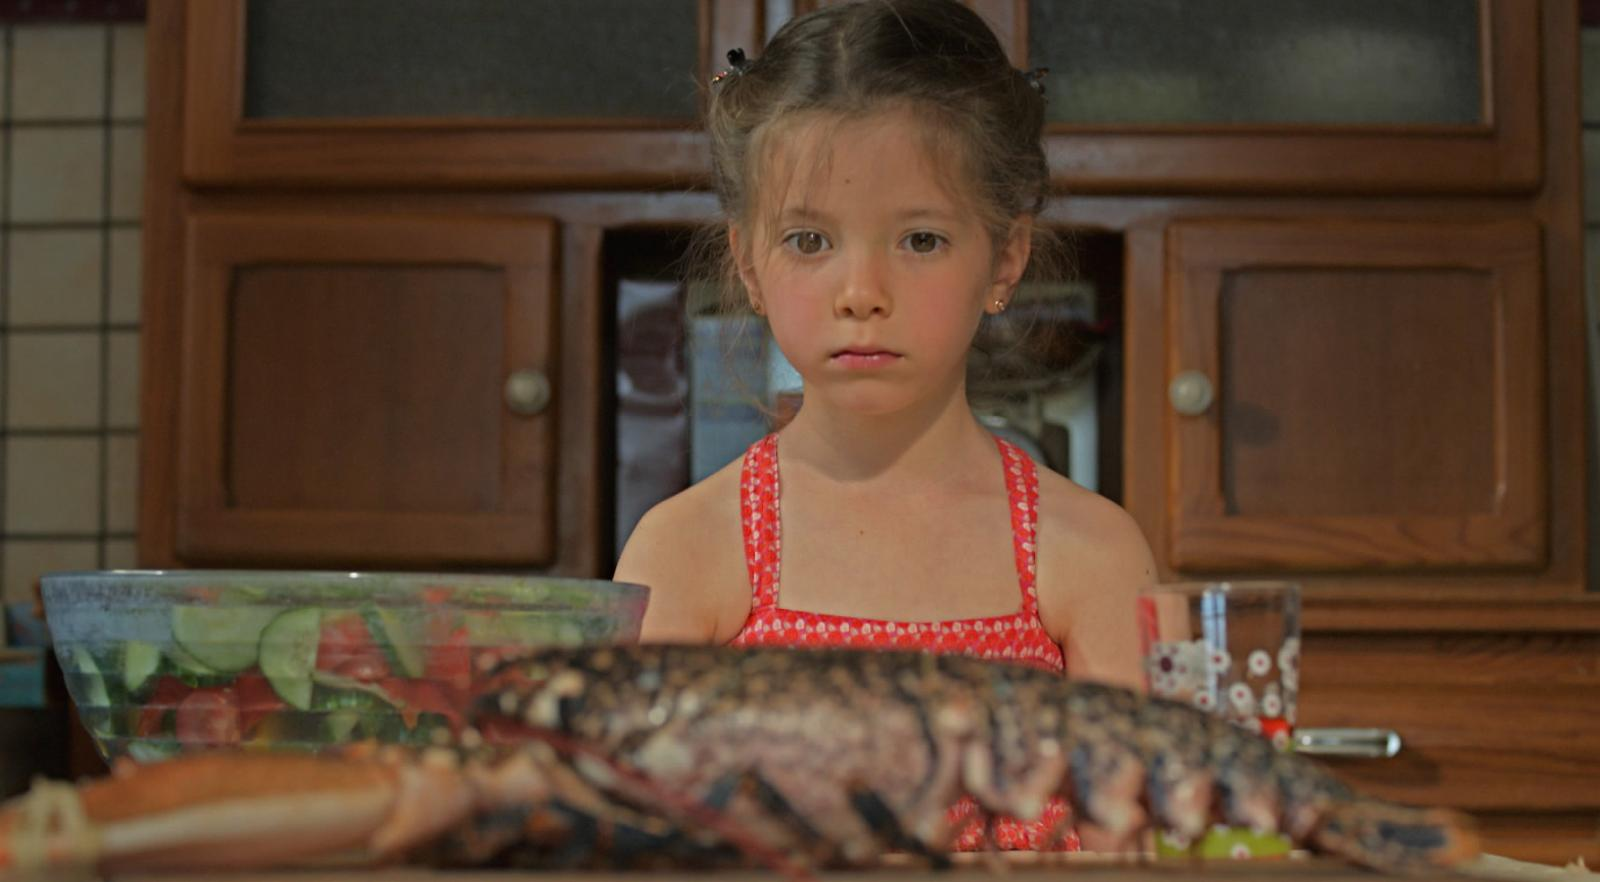 LE CRI DU HOMARD de Nicolas Guiot, 2012, fiction, 30'  César et Magritte du Meilleur court métrage 2013   D'origine russe et installée depuis peu en France avec ses parents, Natalia, six ans, attend impatiemment le retour de son frère, Boris, parti combattre en Tchétchénie. Le grand jour est arrivé, mais la fillette doit rapidement déchanter. Cet homme est-il vraiment le frère qu'elle a connu ?